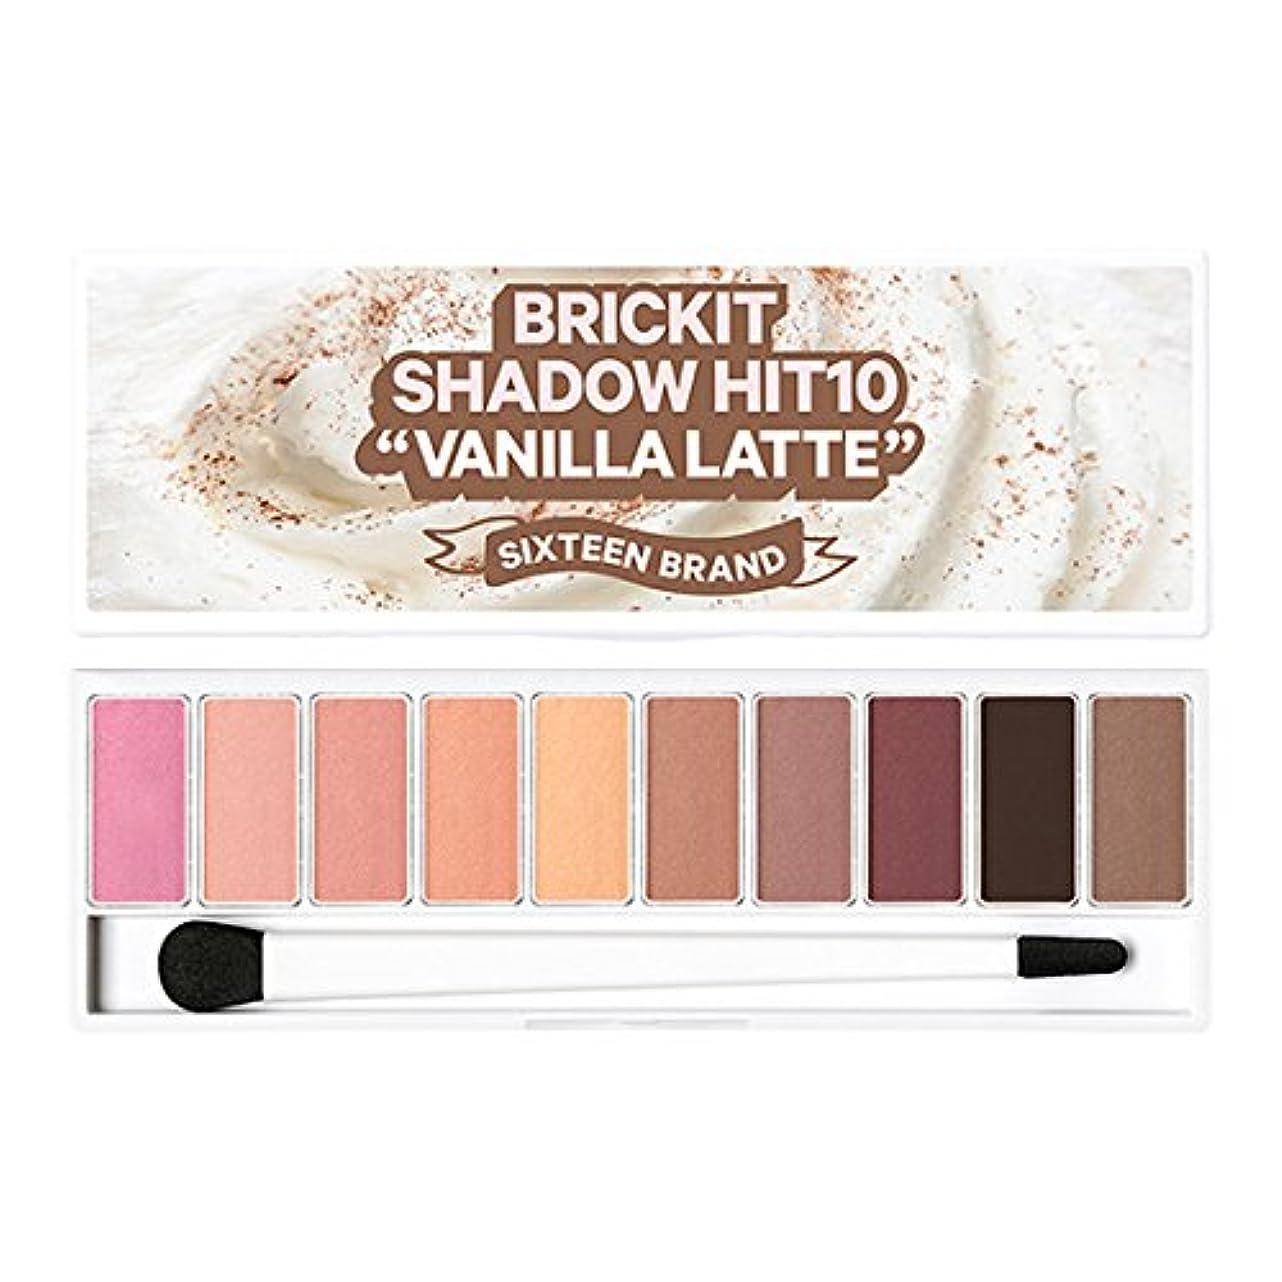 フォルダ絡み合い中絶16brand Sixteen Brickit Shadow Hit 10 Vanilla Latte 10g/16ブランド シックスティーン ブリックキット シャドウ ヒット 10 バニララテ 10g [並行輸入品]